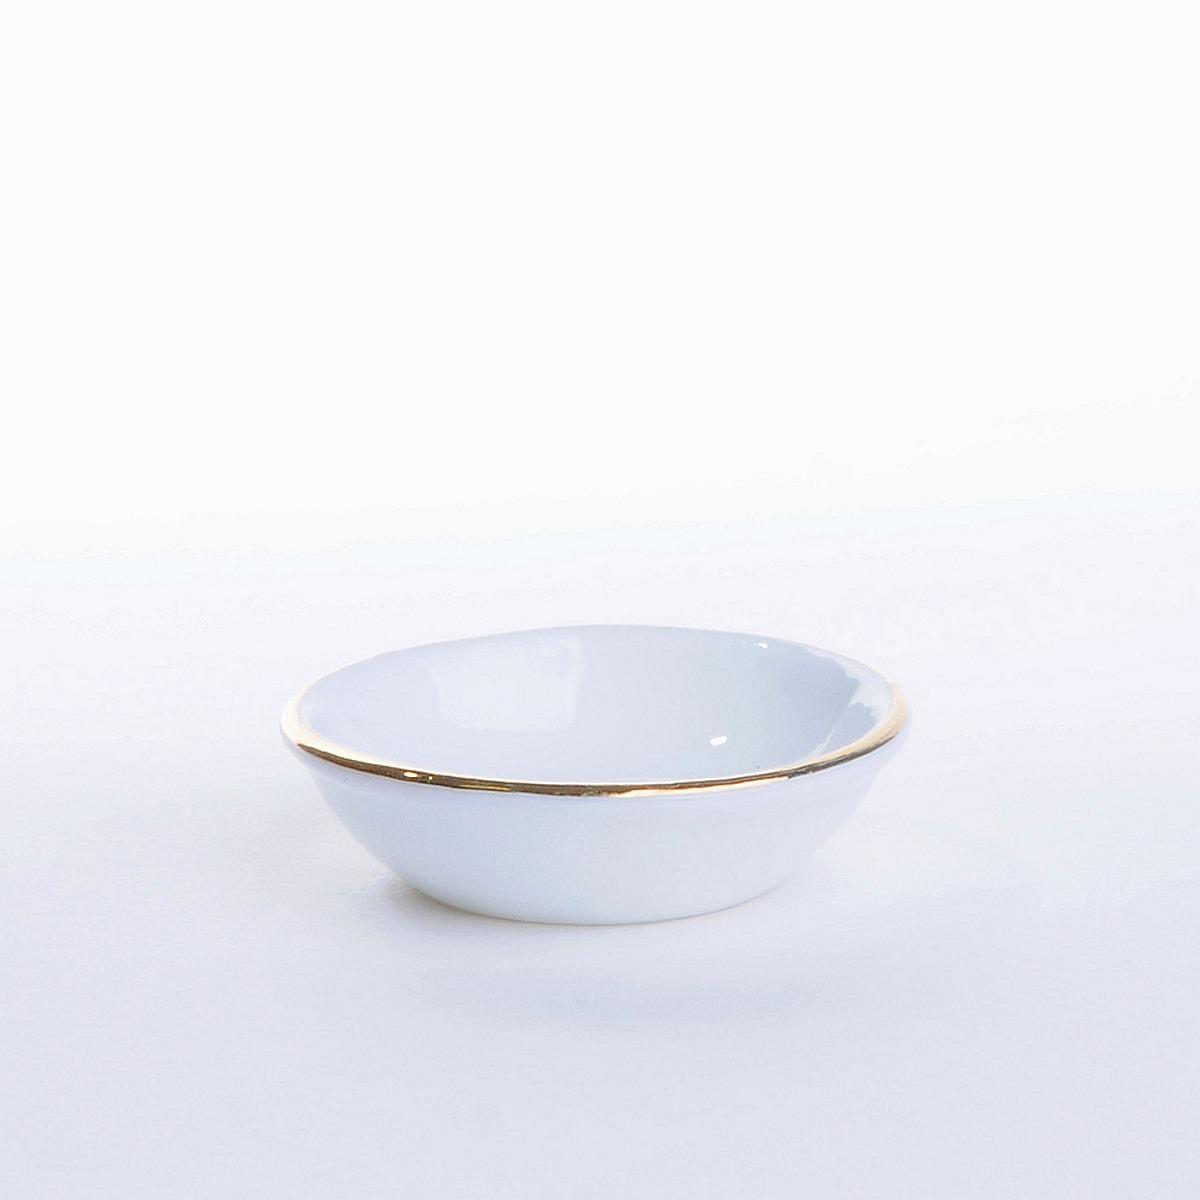 Waschschüssel mit Goldrand